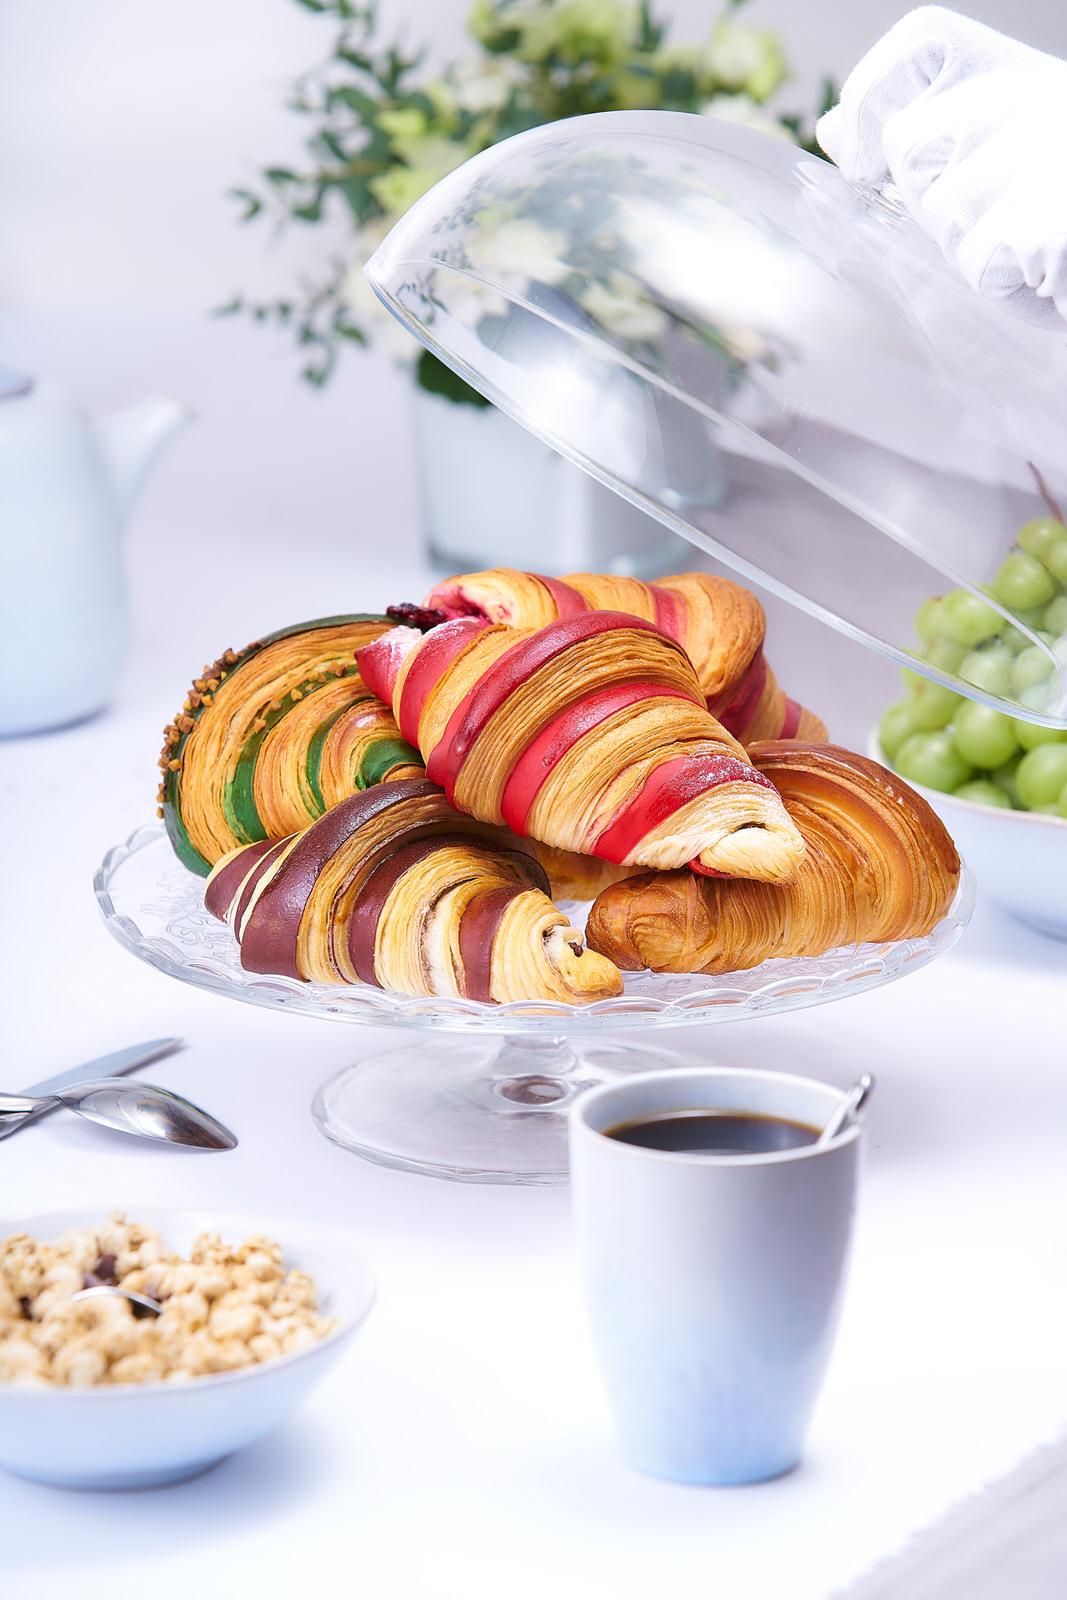 Photographe Professionnel Bordeaux-Photo culinaire-Boulanger-Patissier